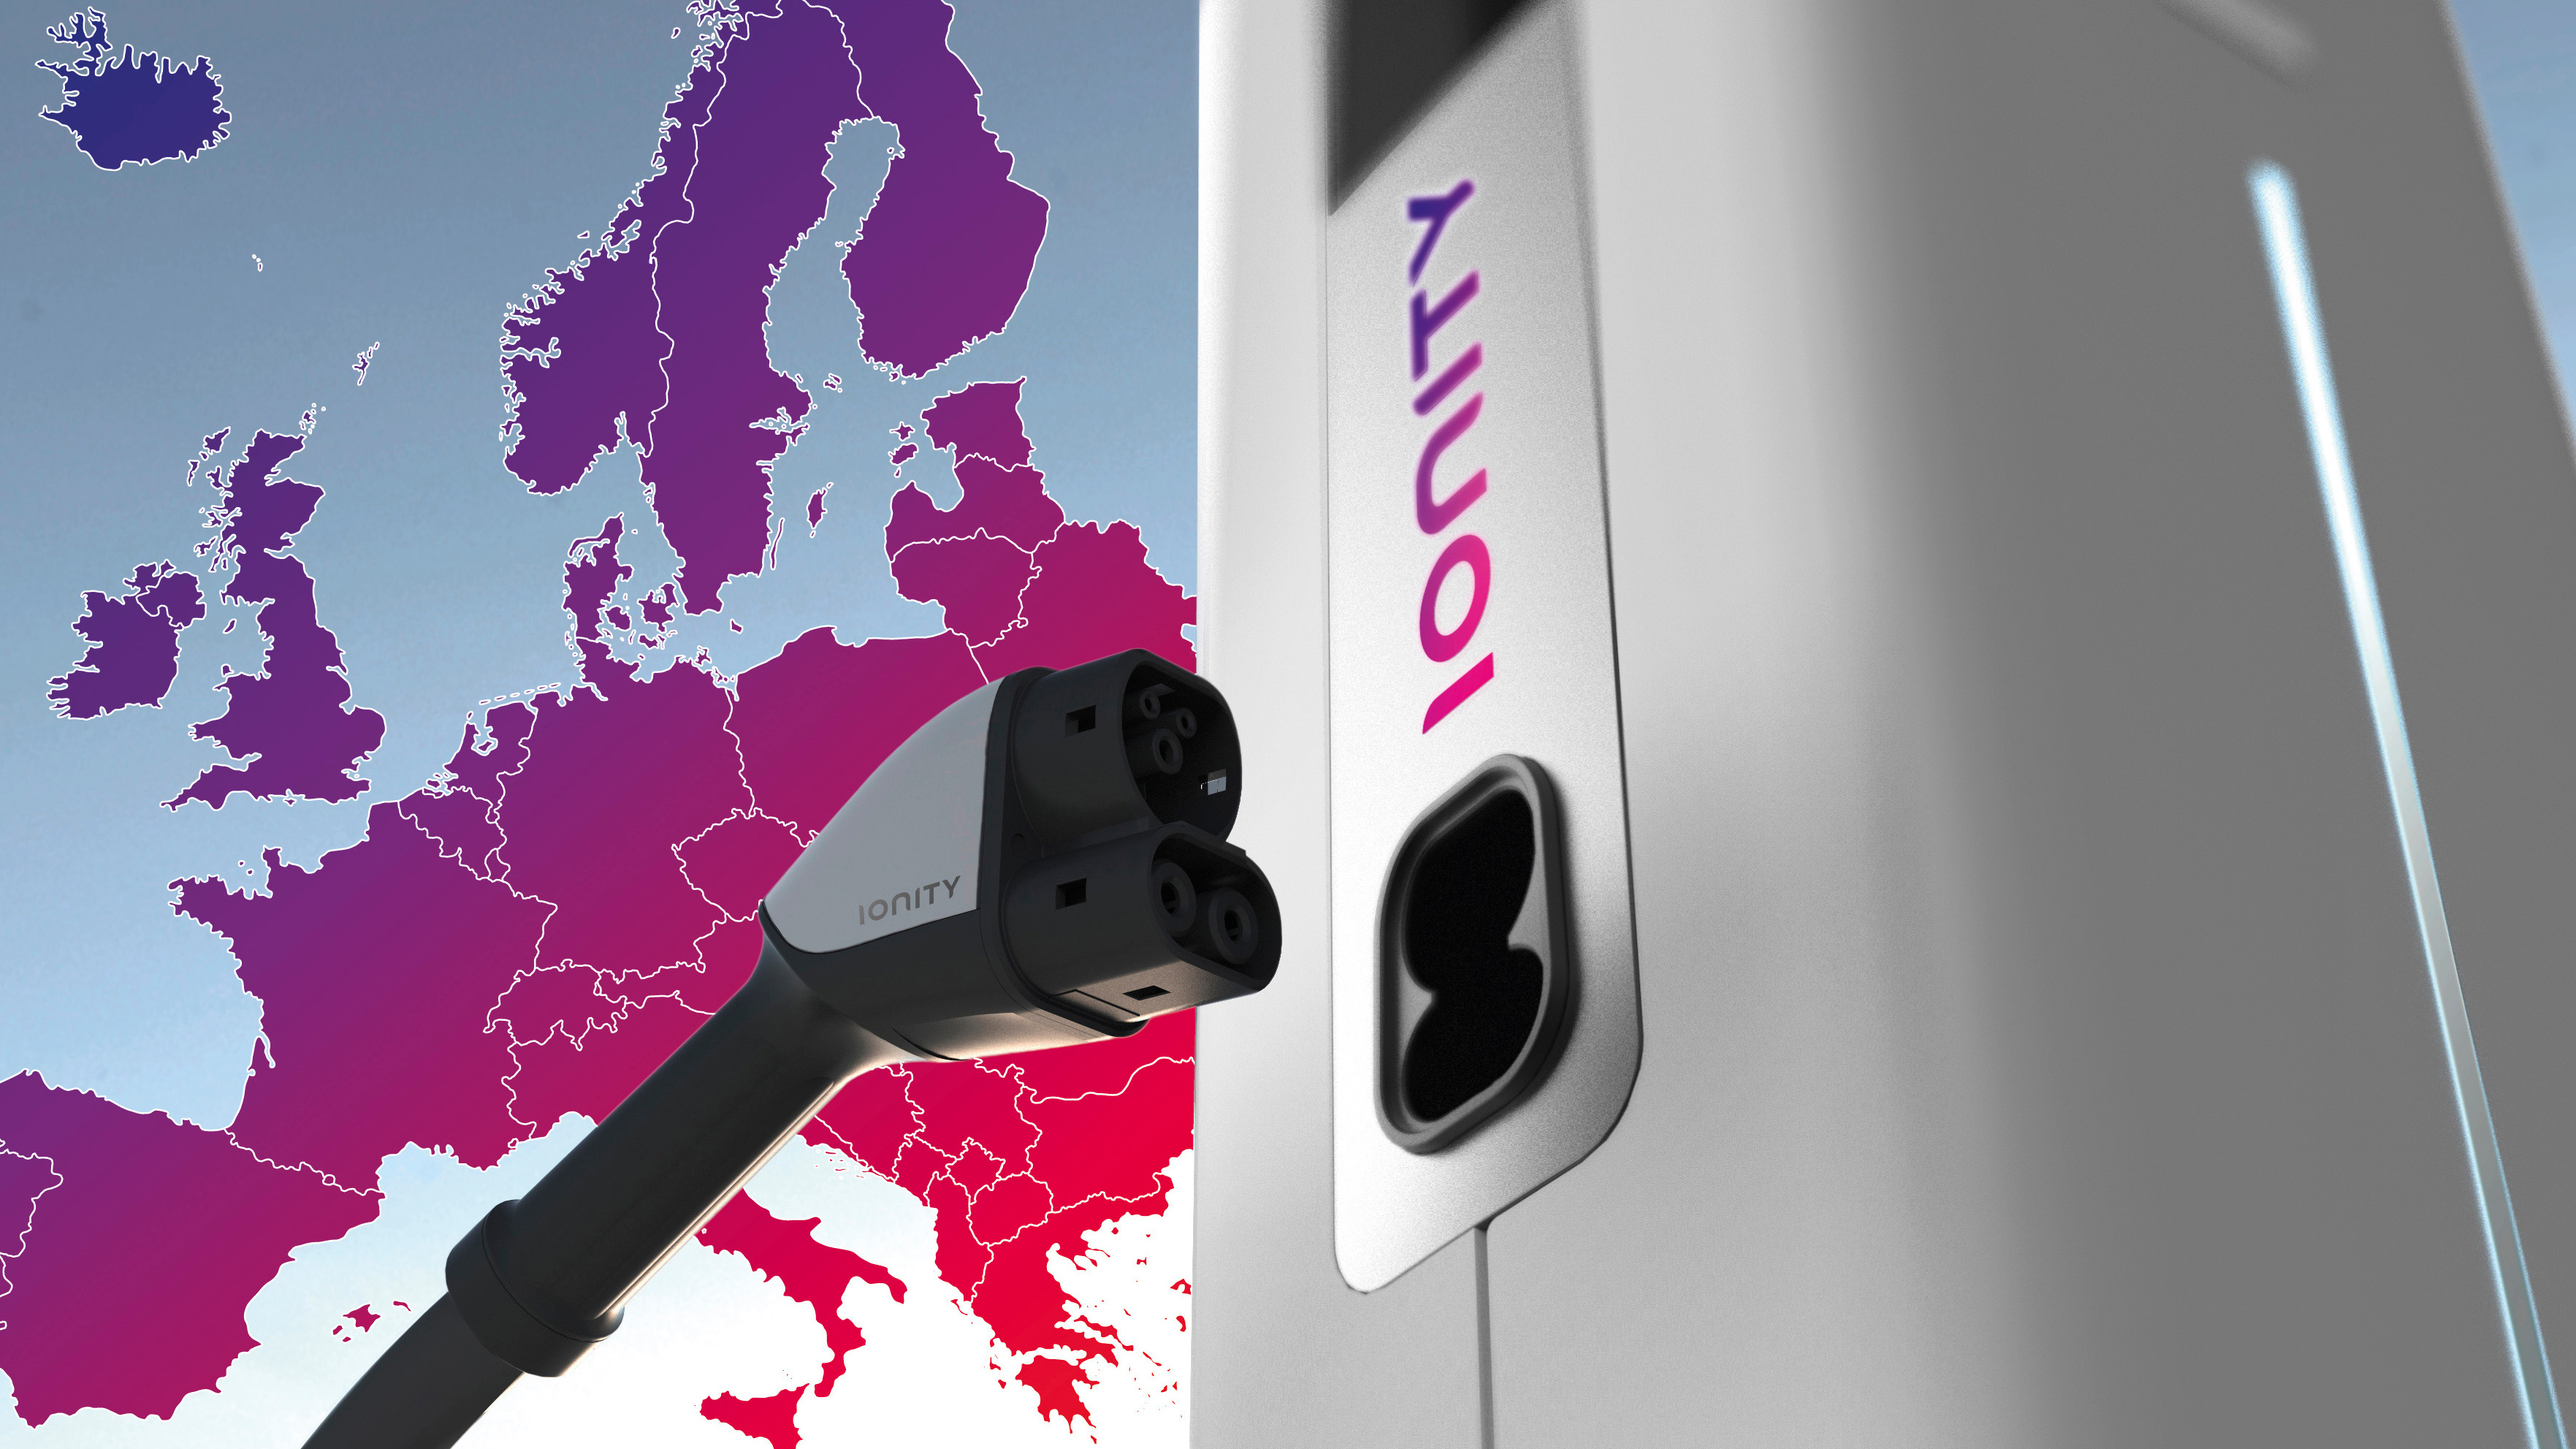 IONITY: europäisches Schnellladenetzwerk der Autohersteller